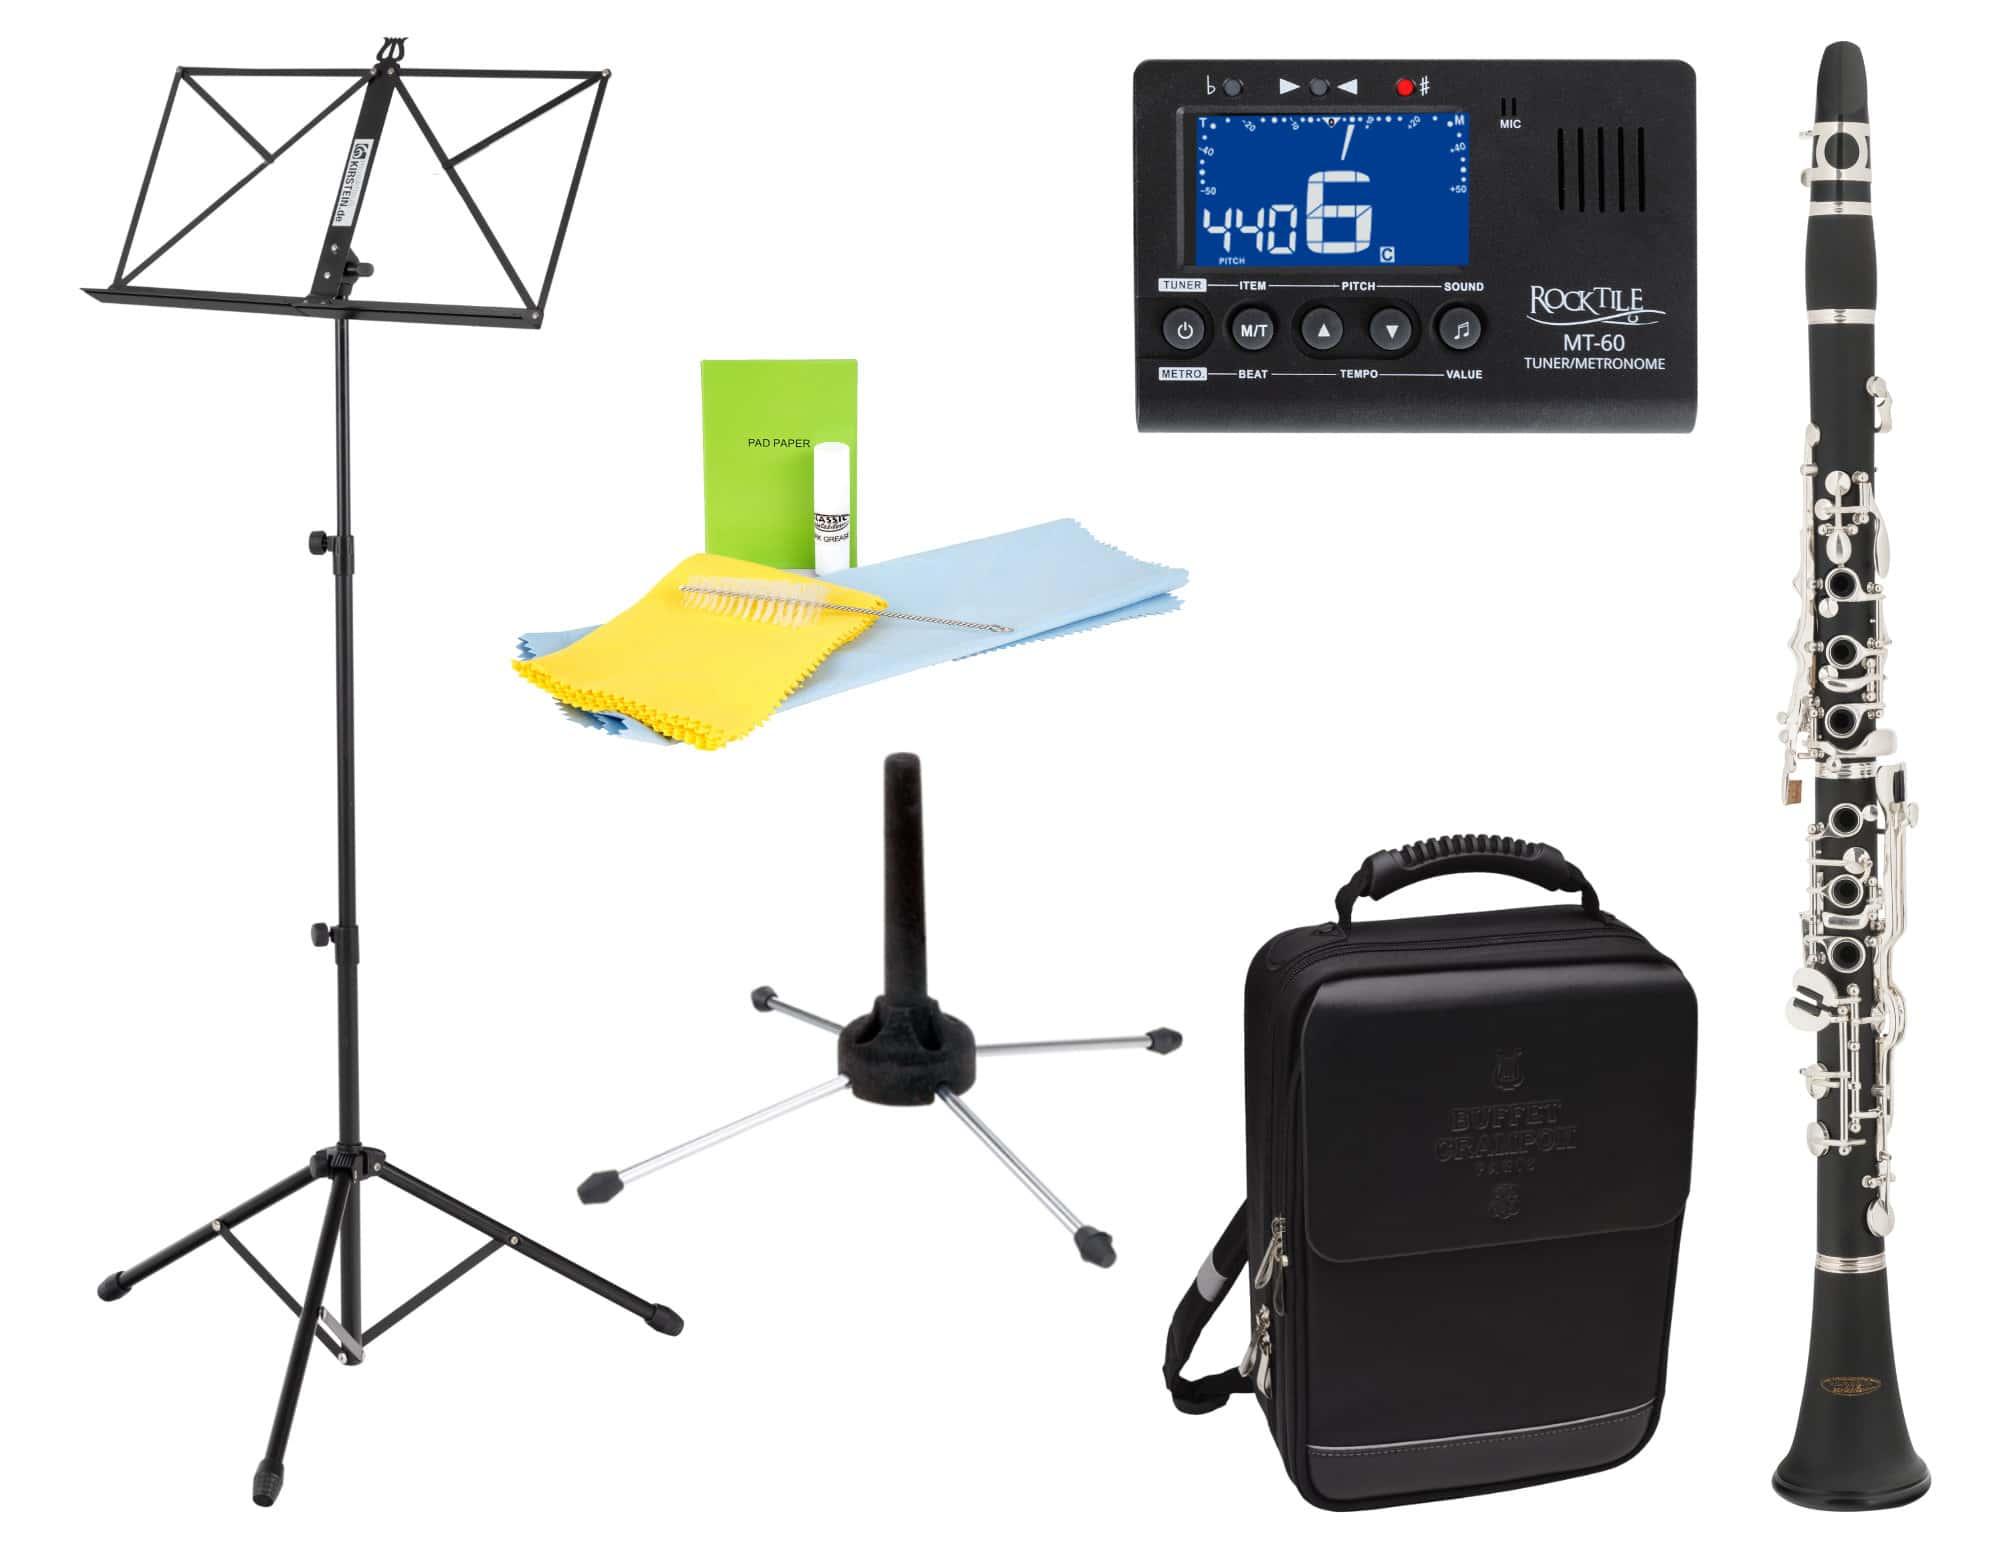 Klarinetten - Classic Cantabile CLK 20 B Klarinette Set inkl. Notenständer, Stimmgerät und Ständer - Onlineshop Musikhaus Kirstein